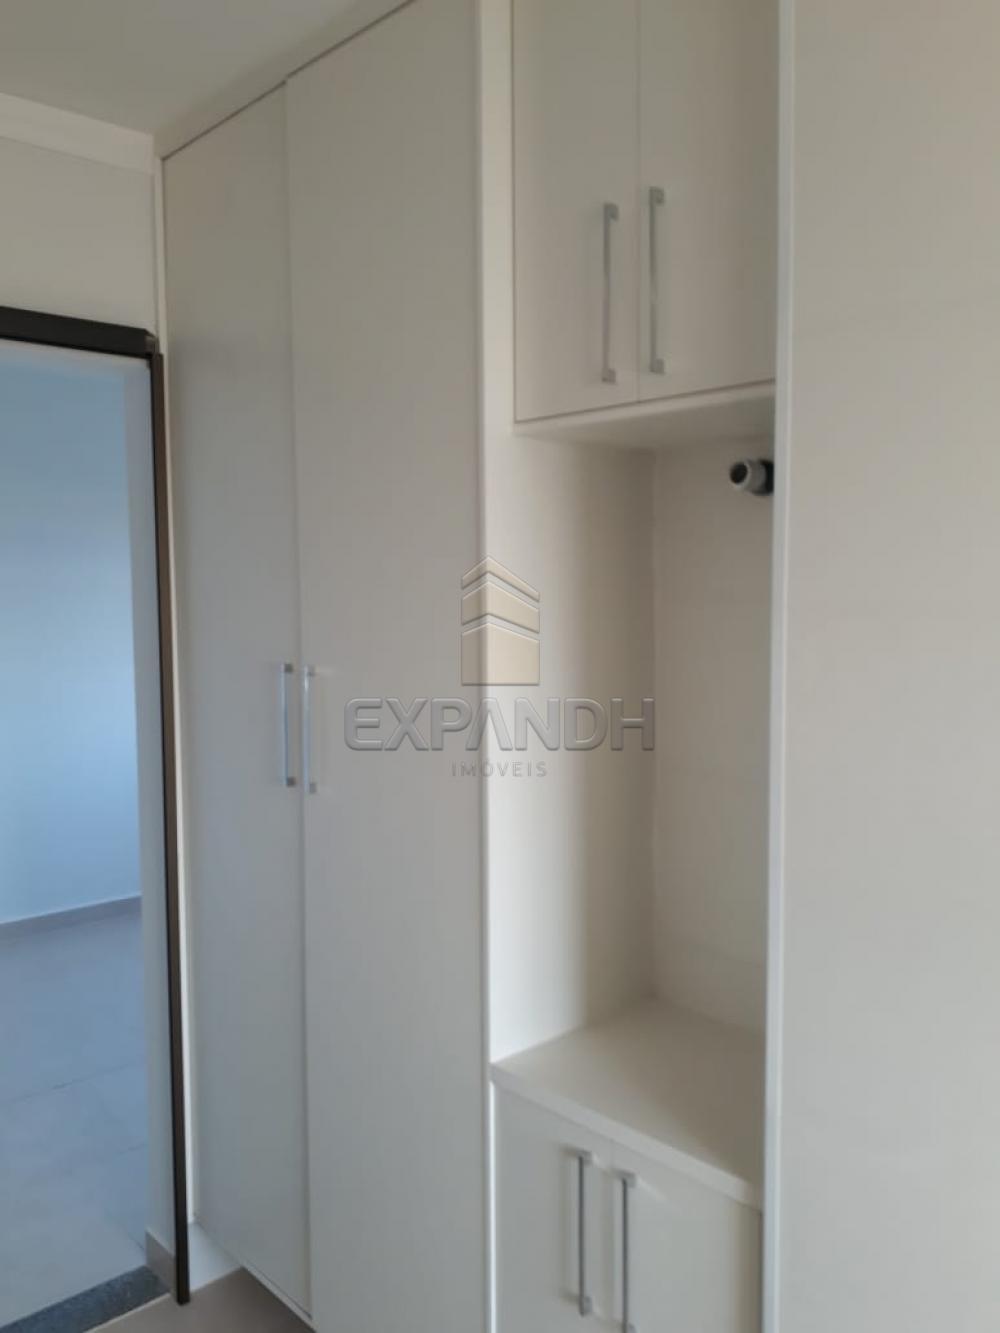 Comprar Apartamentos / Padrão em Ribeirão Preto R$ 190.000,00 - Foto 7